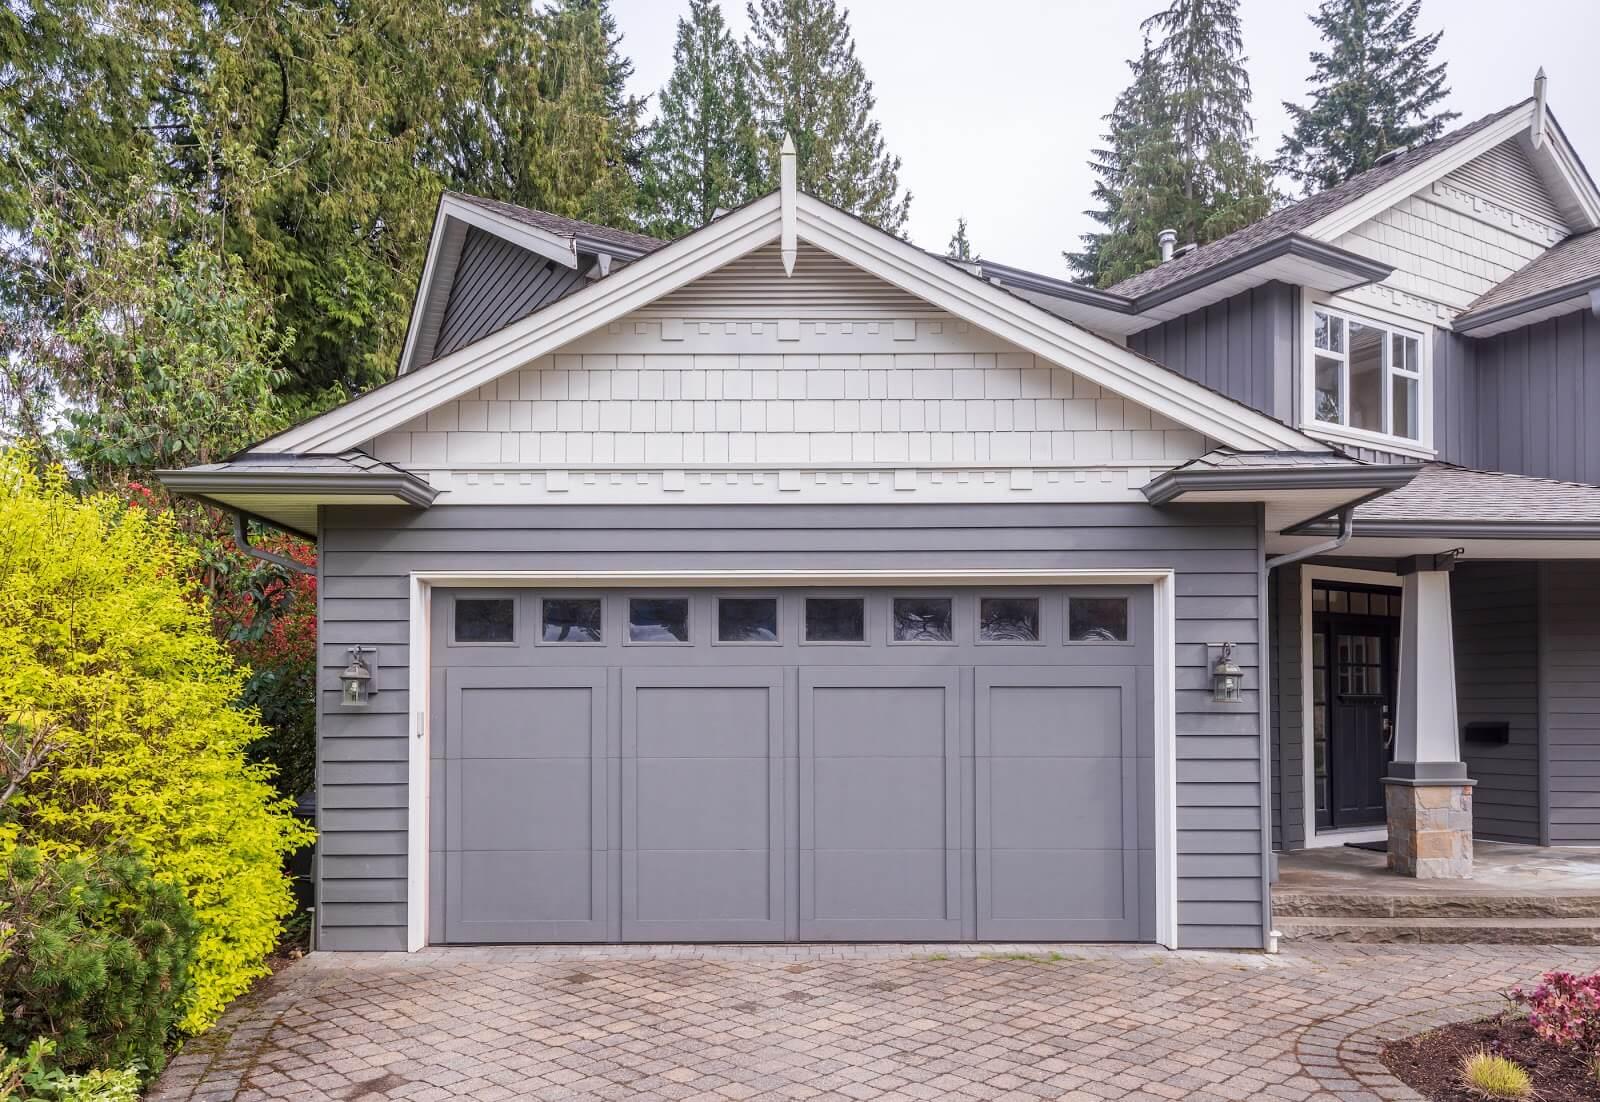 Garage-door-in-luxury-house-springtime